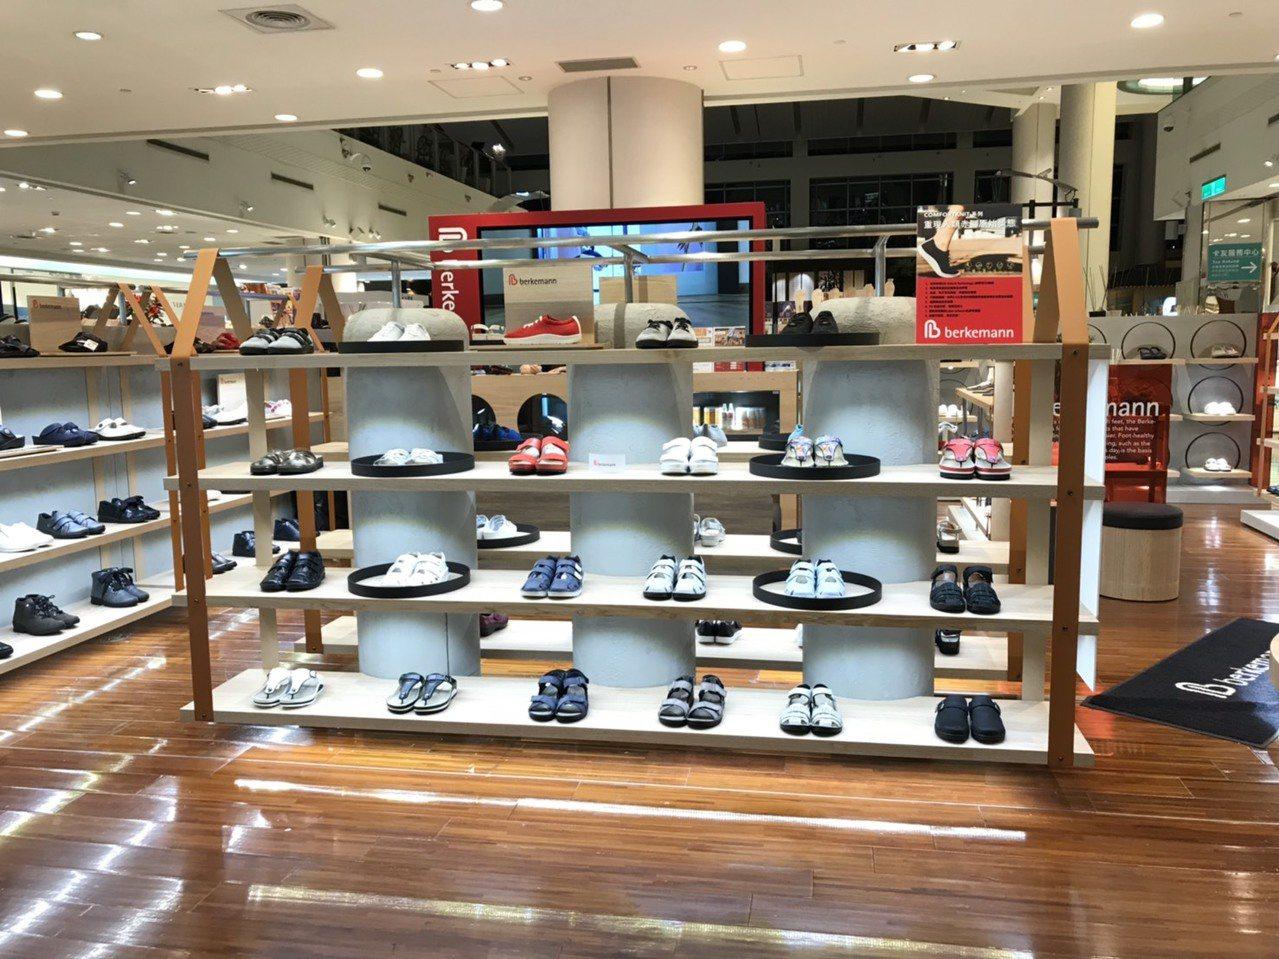 德國健康鞋今年首度引進台灣,並第一次加入百貨公司周年慶戰局。圖/Berkeman...